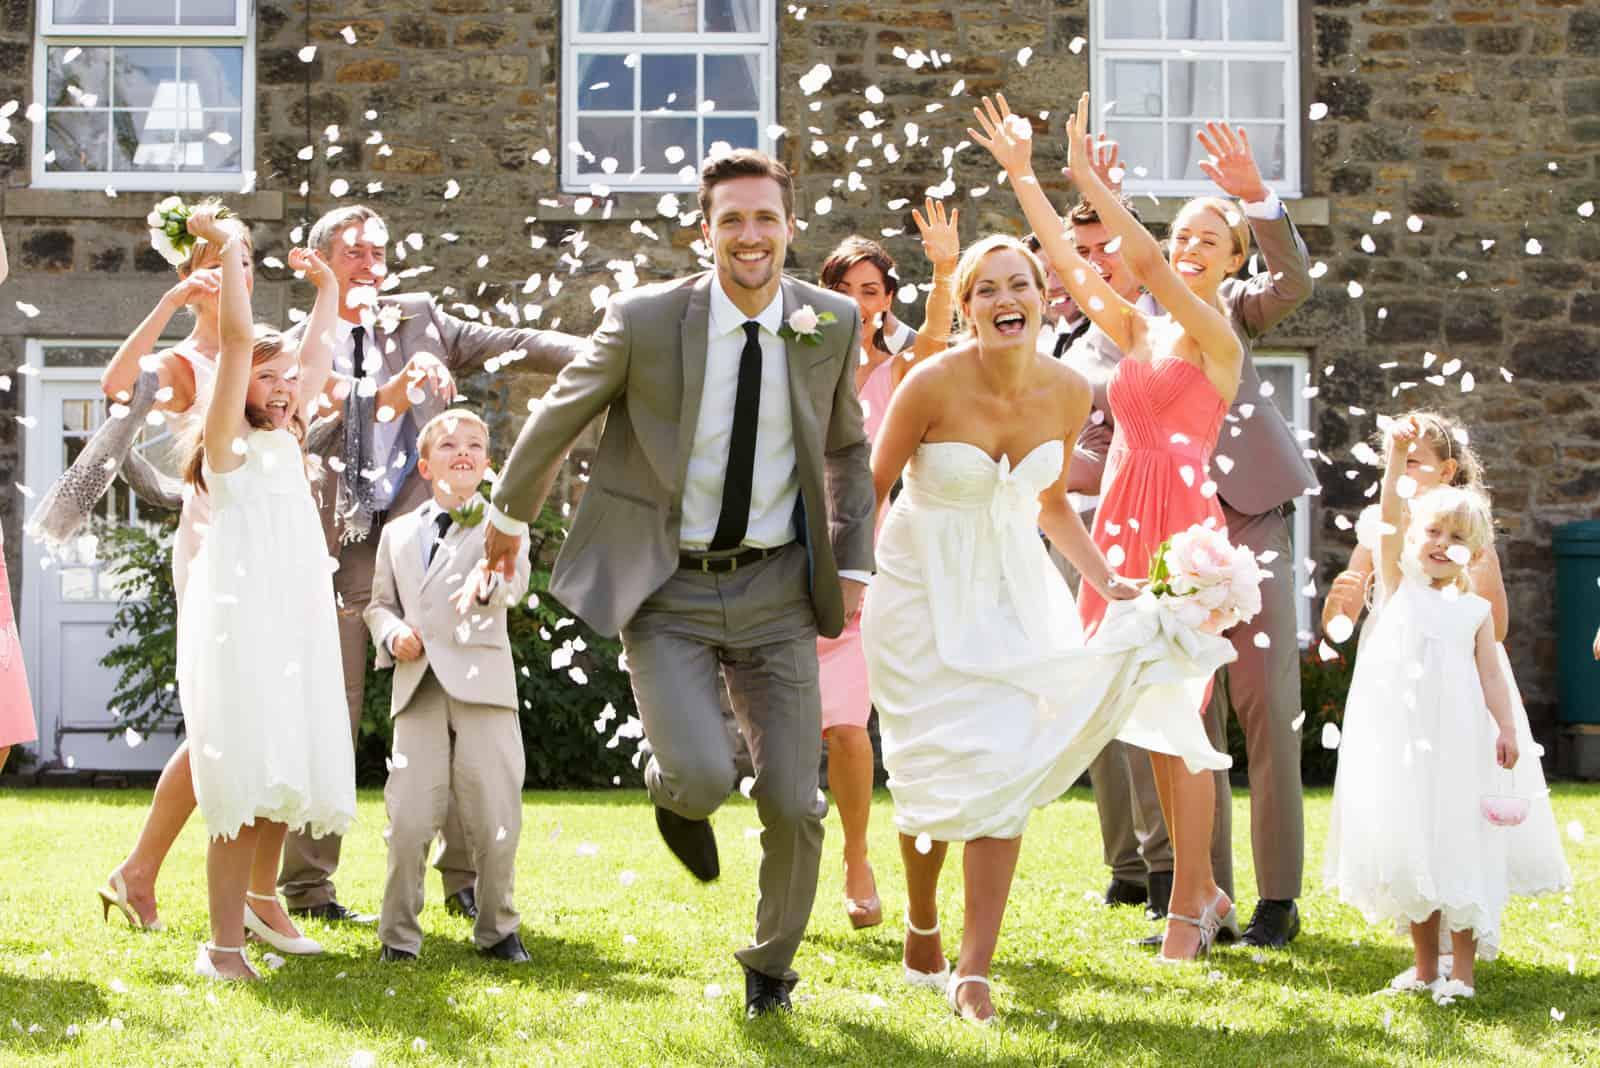 Gäste werfen Konfetti auf das Brautpaar